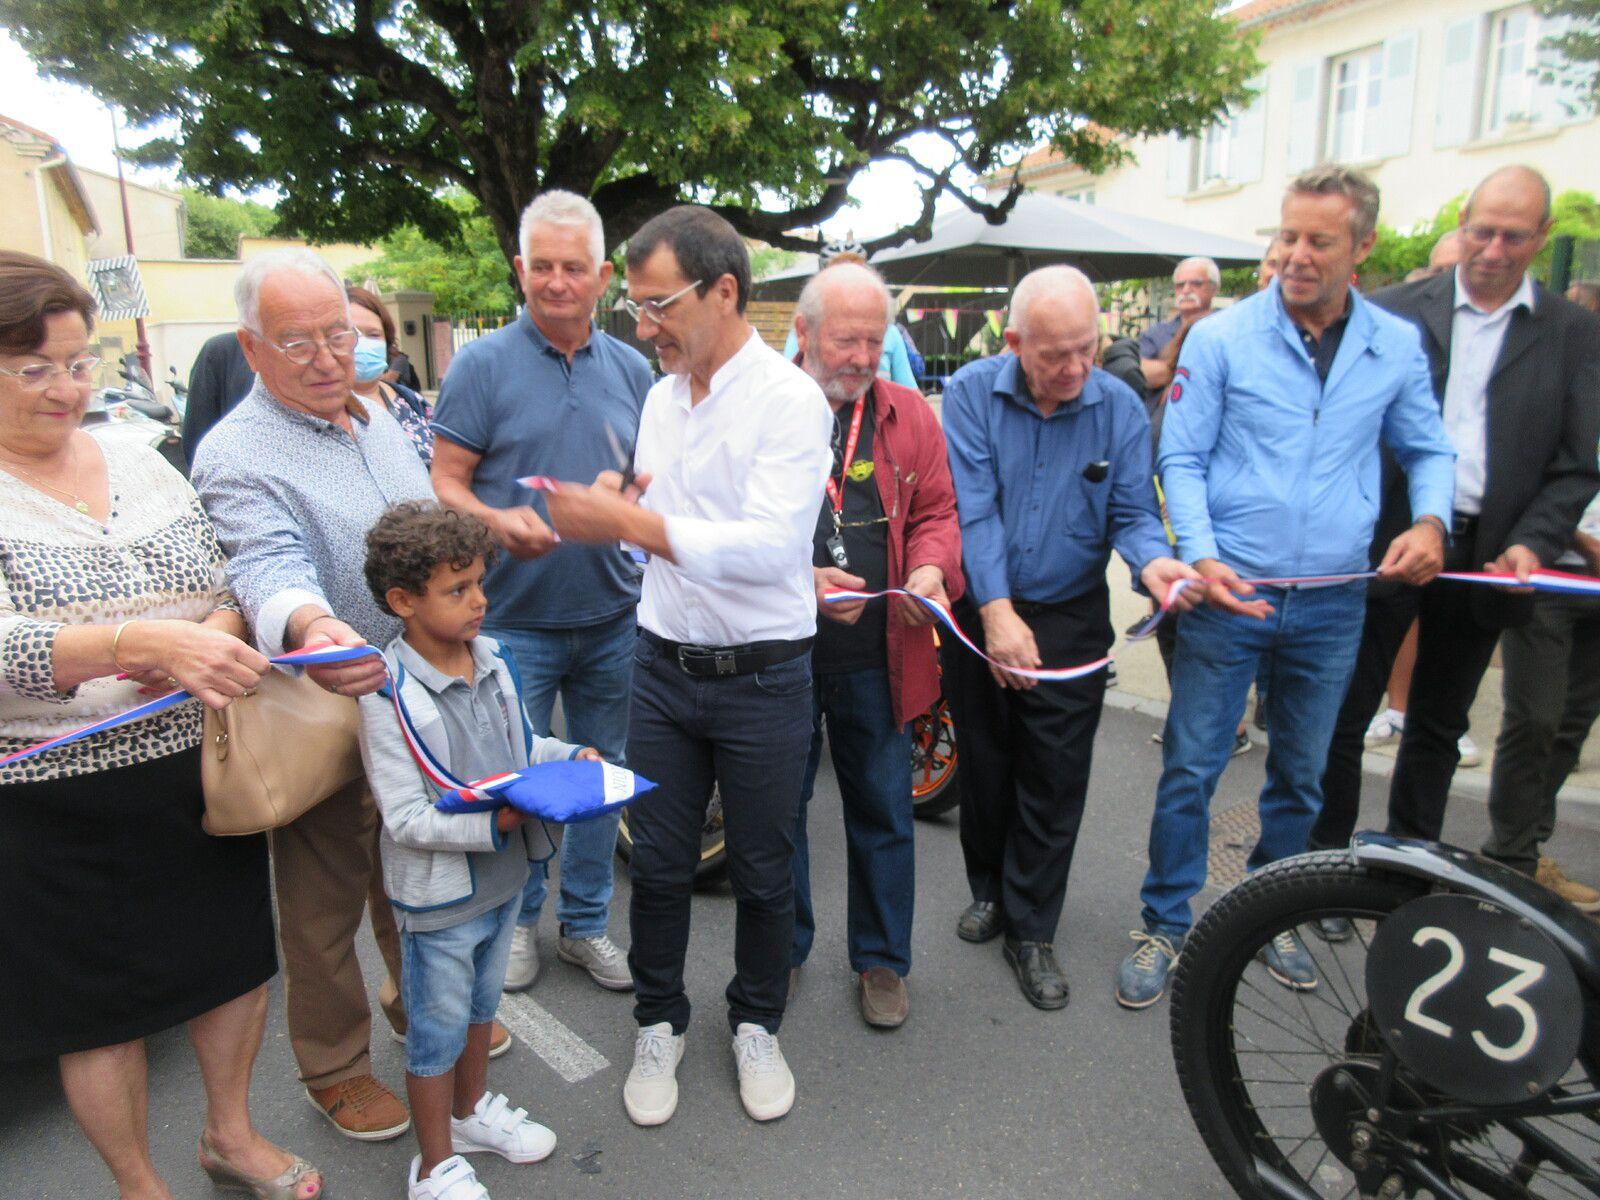 Samedi 7 août 2021- inauguration de la nouvelle ligne de départ du MONT VENTOUX